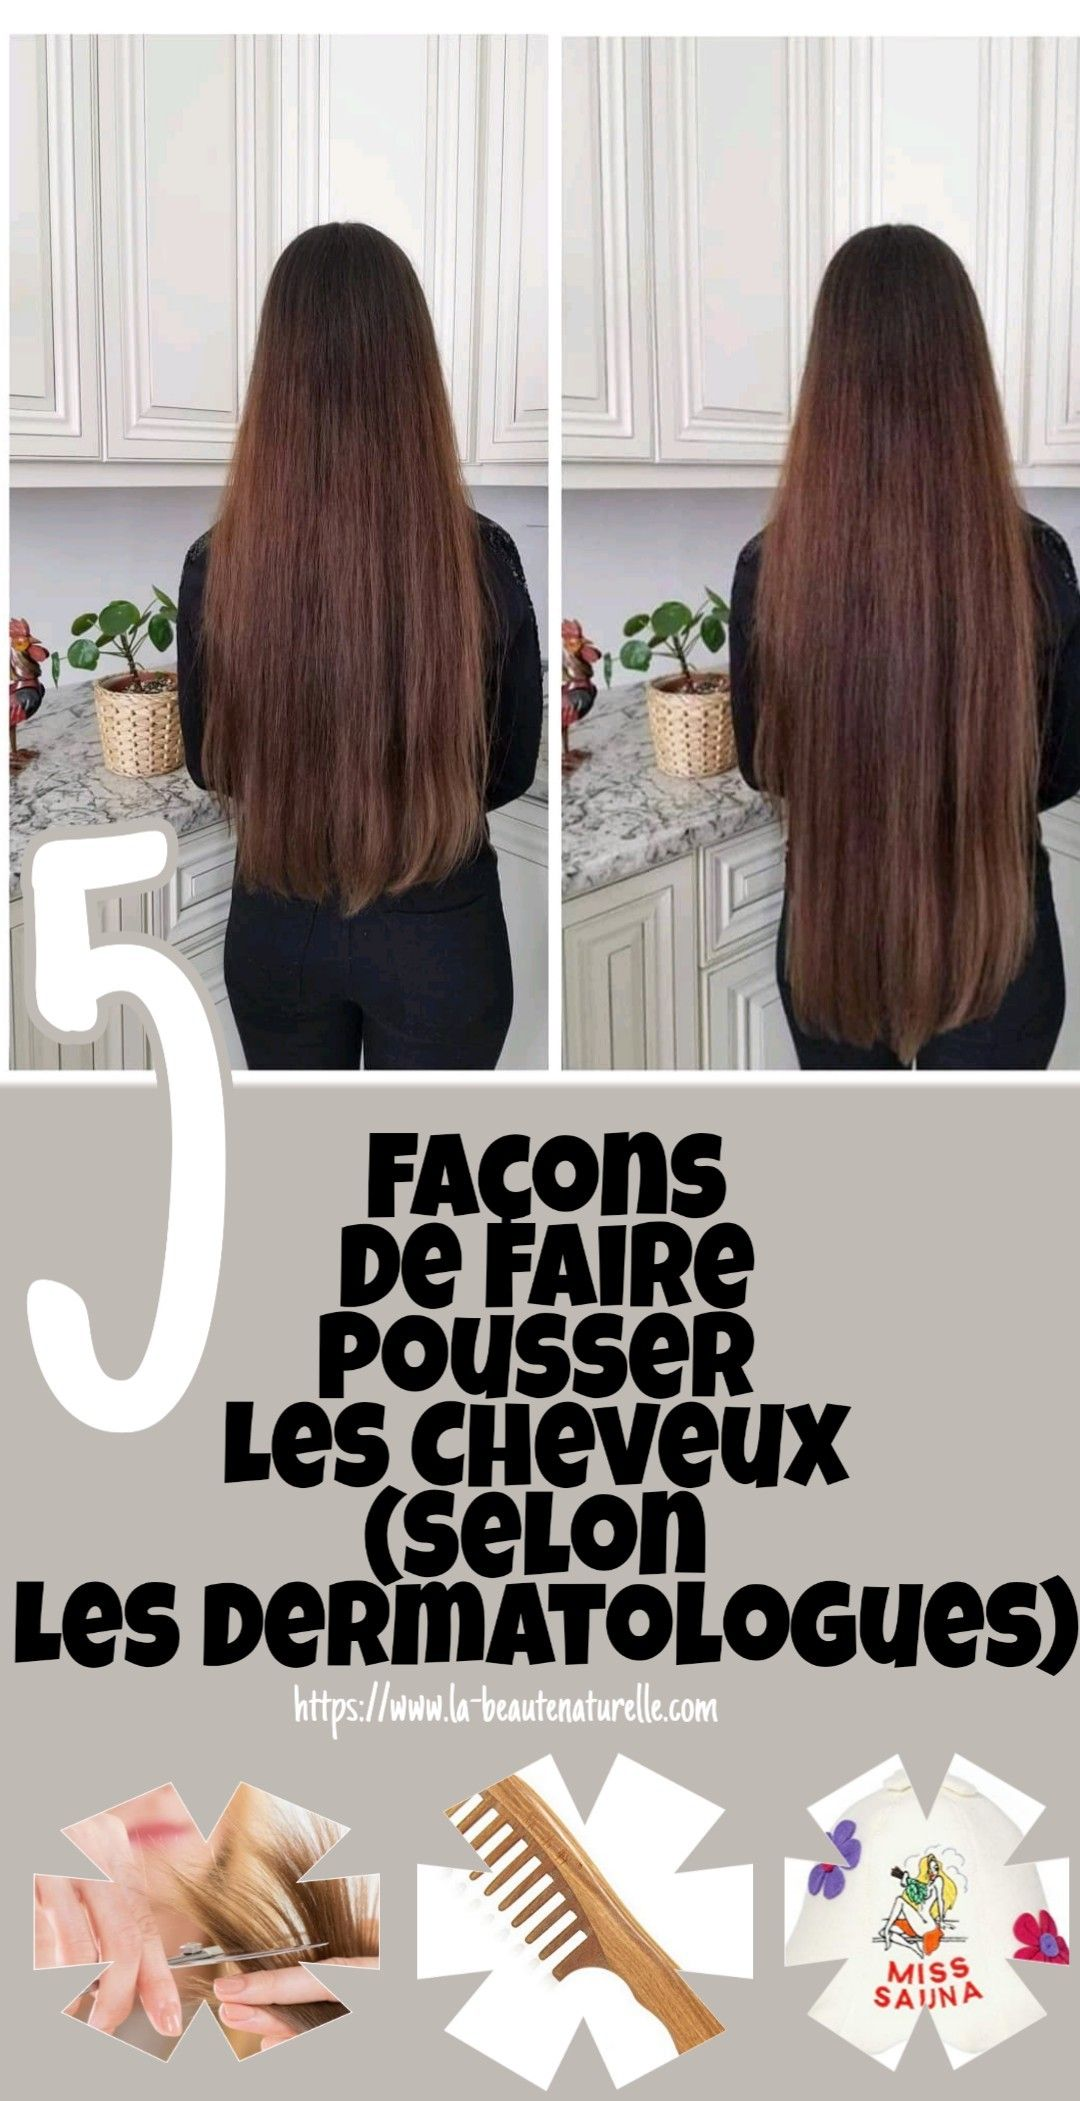 5 fa ons de faire pousser les cheveux selon les dermatologues sant faire pousser les